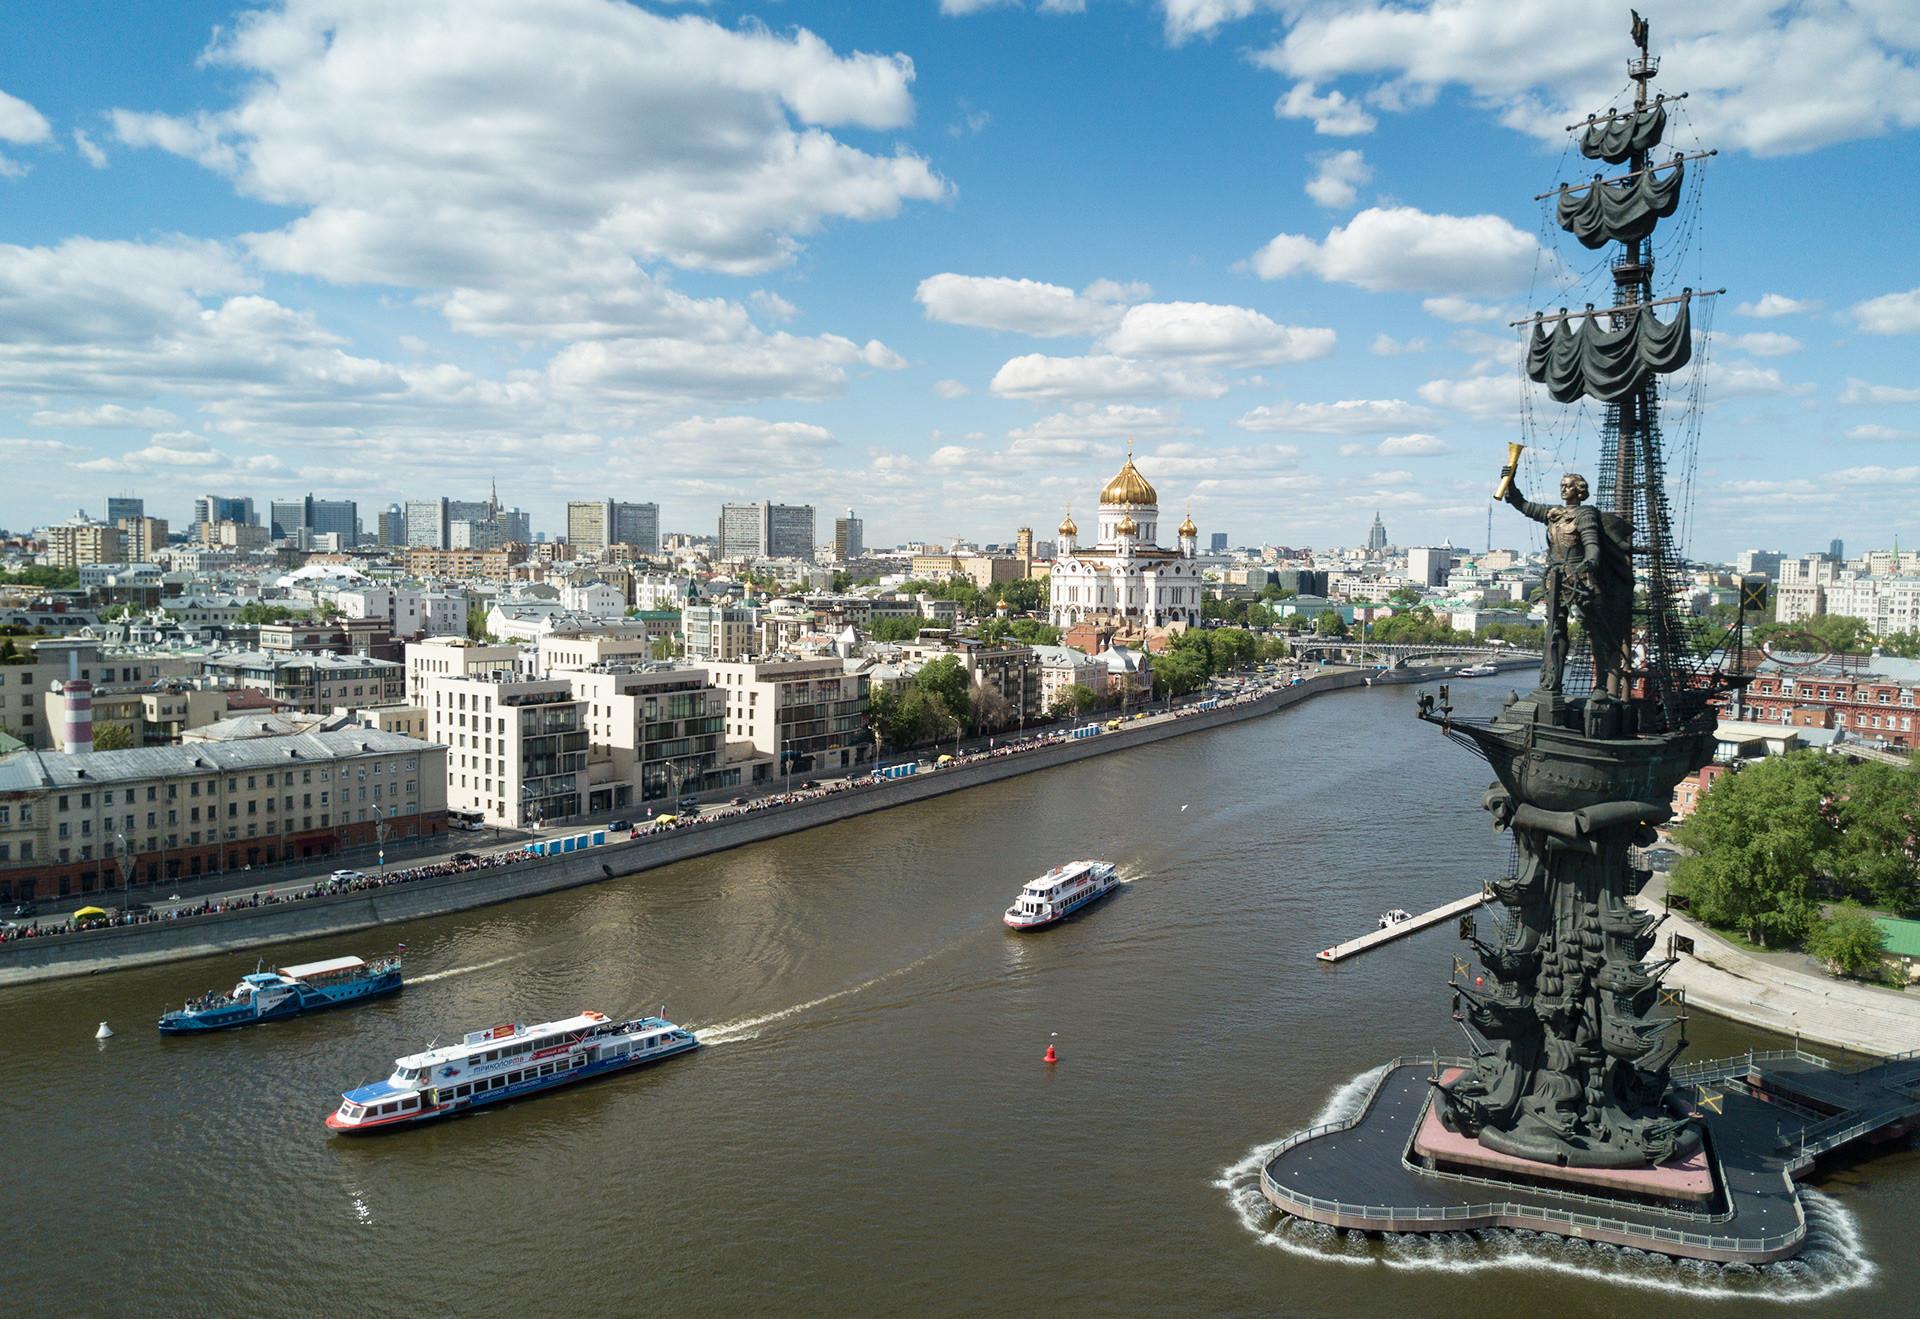 モスクワ川岸にあるピョートル大帝の像